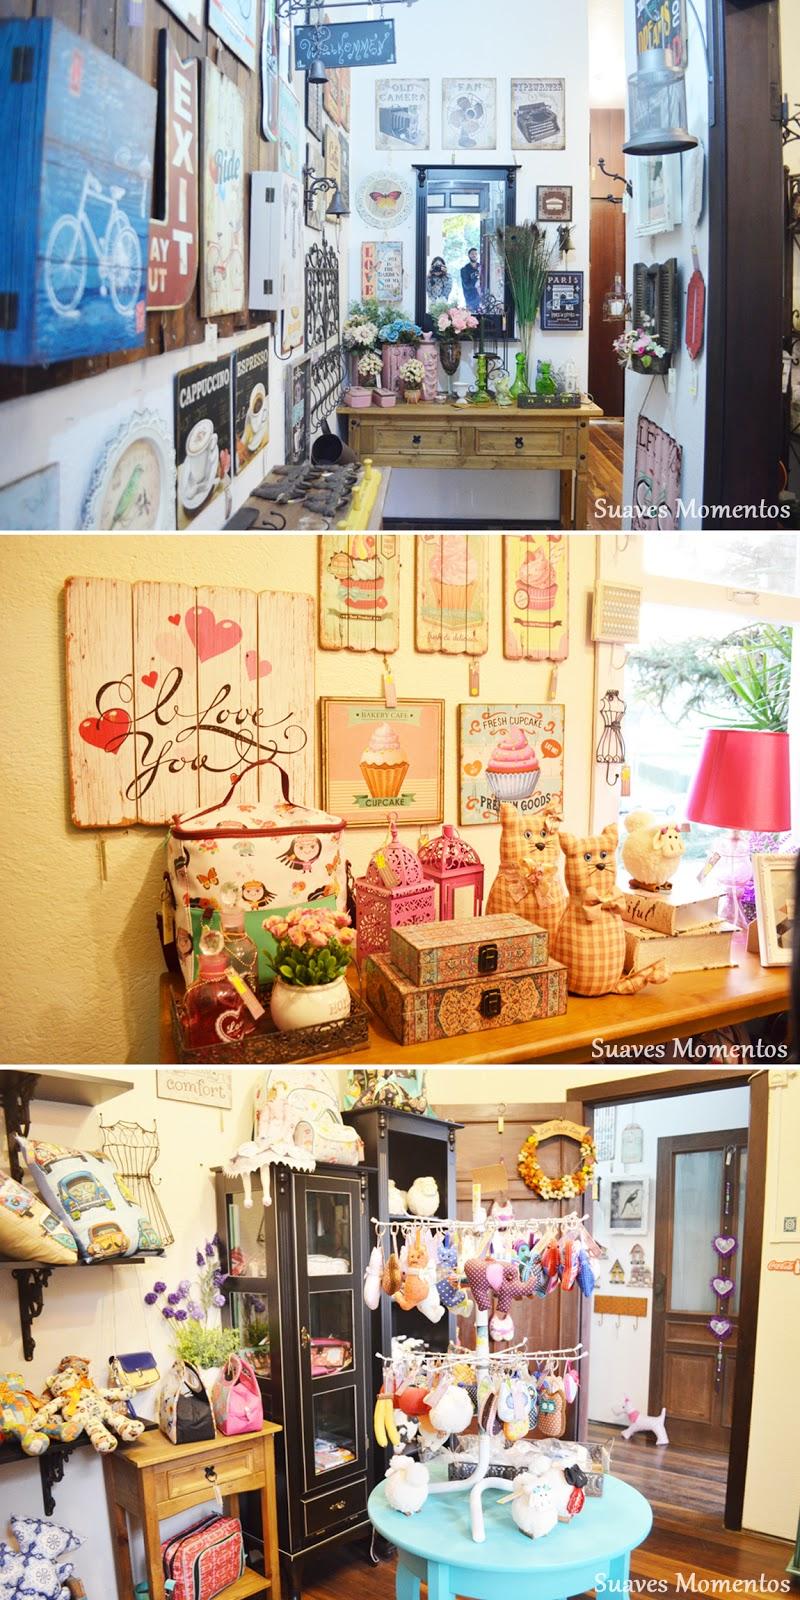 Loja de artesanato em Pomerode